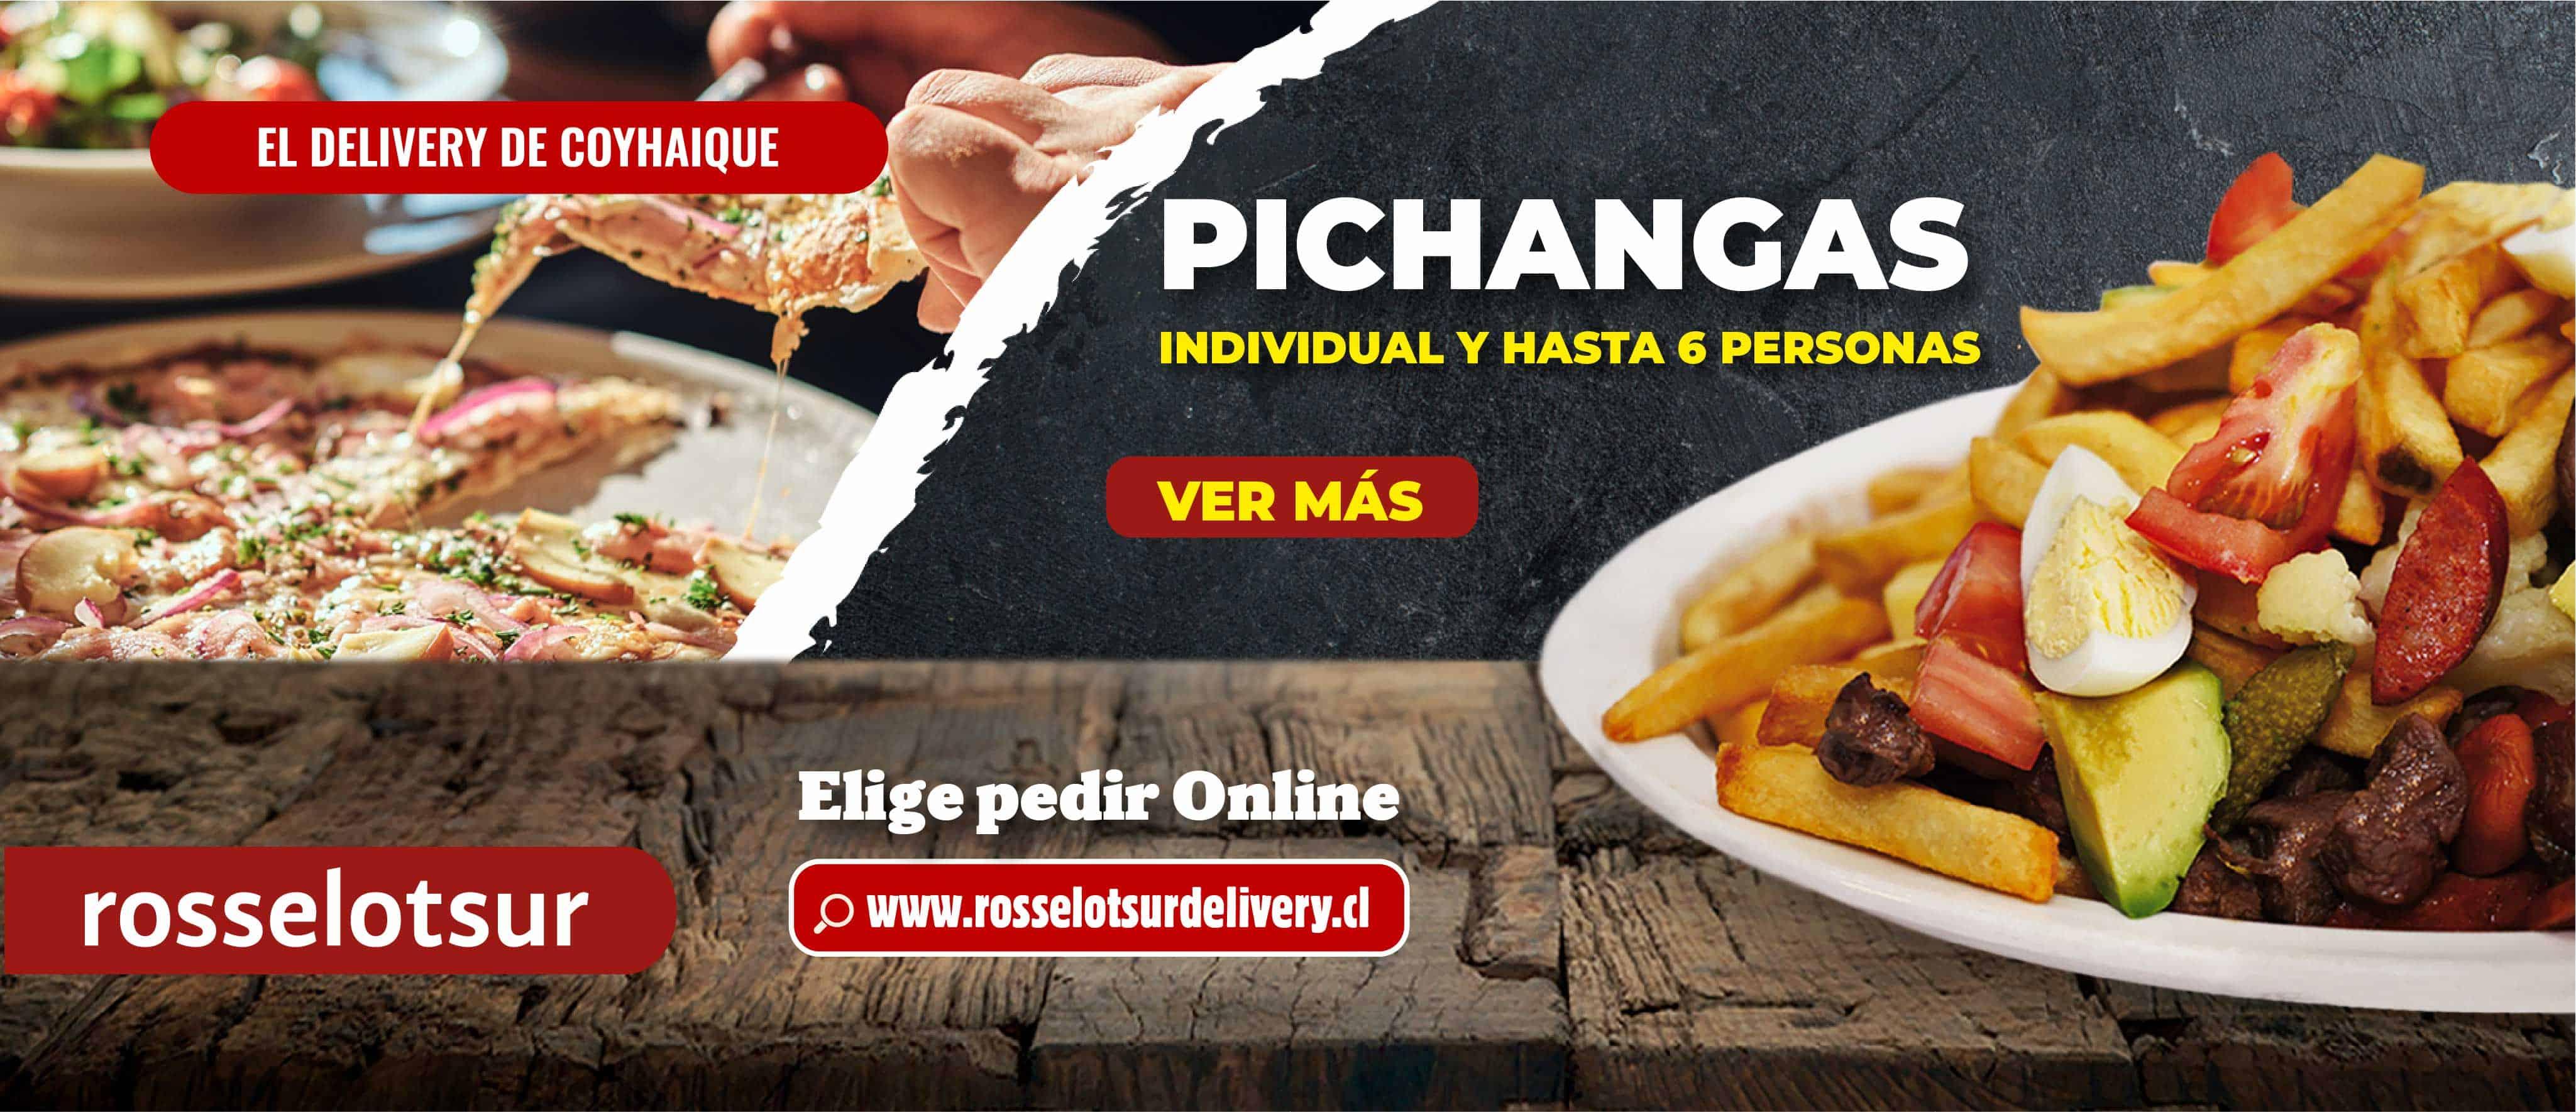 pichangas-en-coyhaique